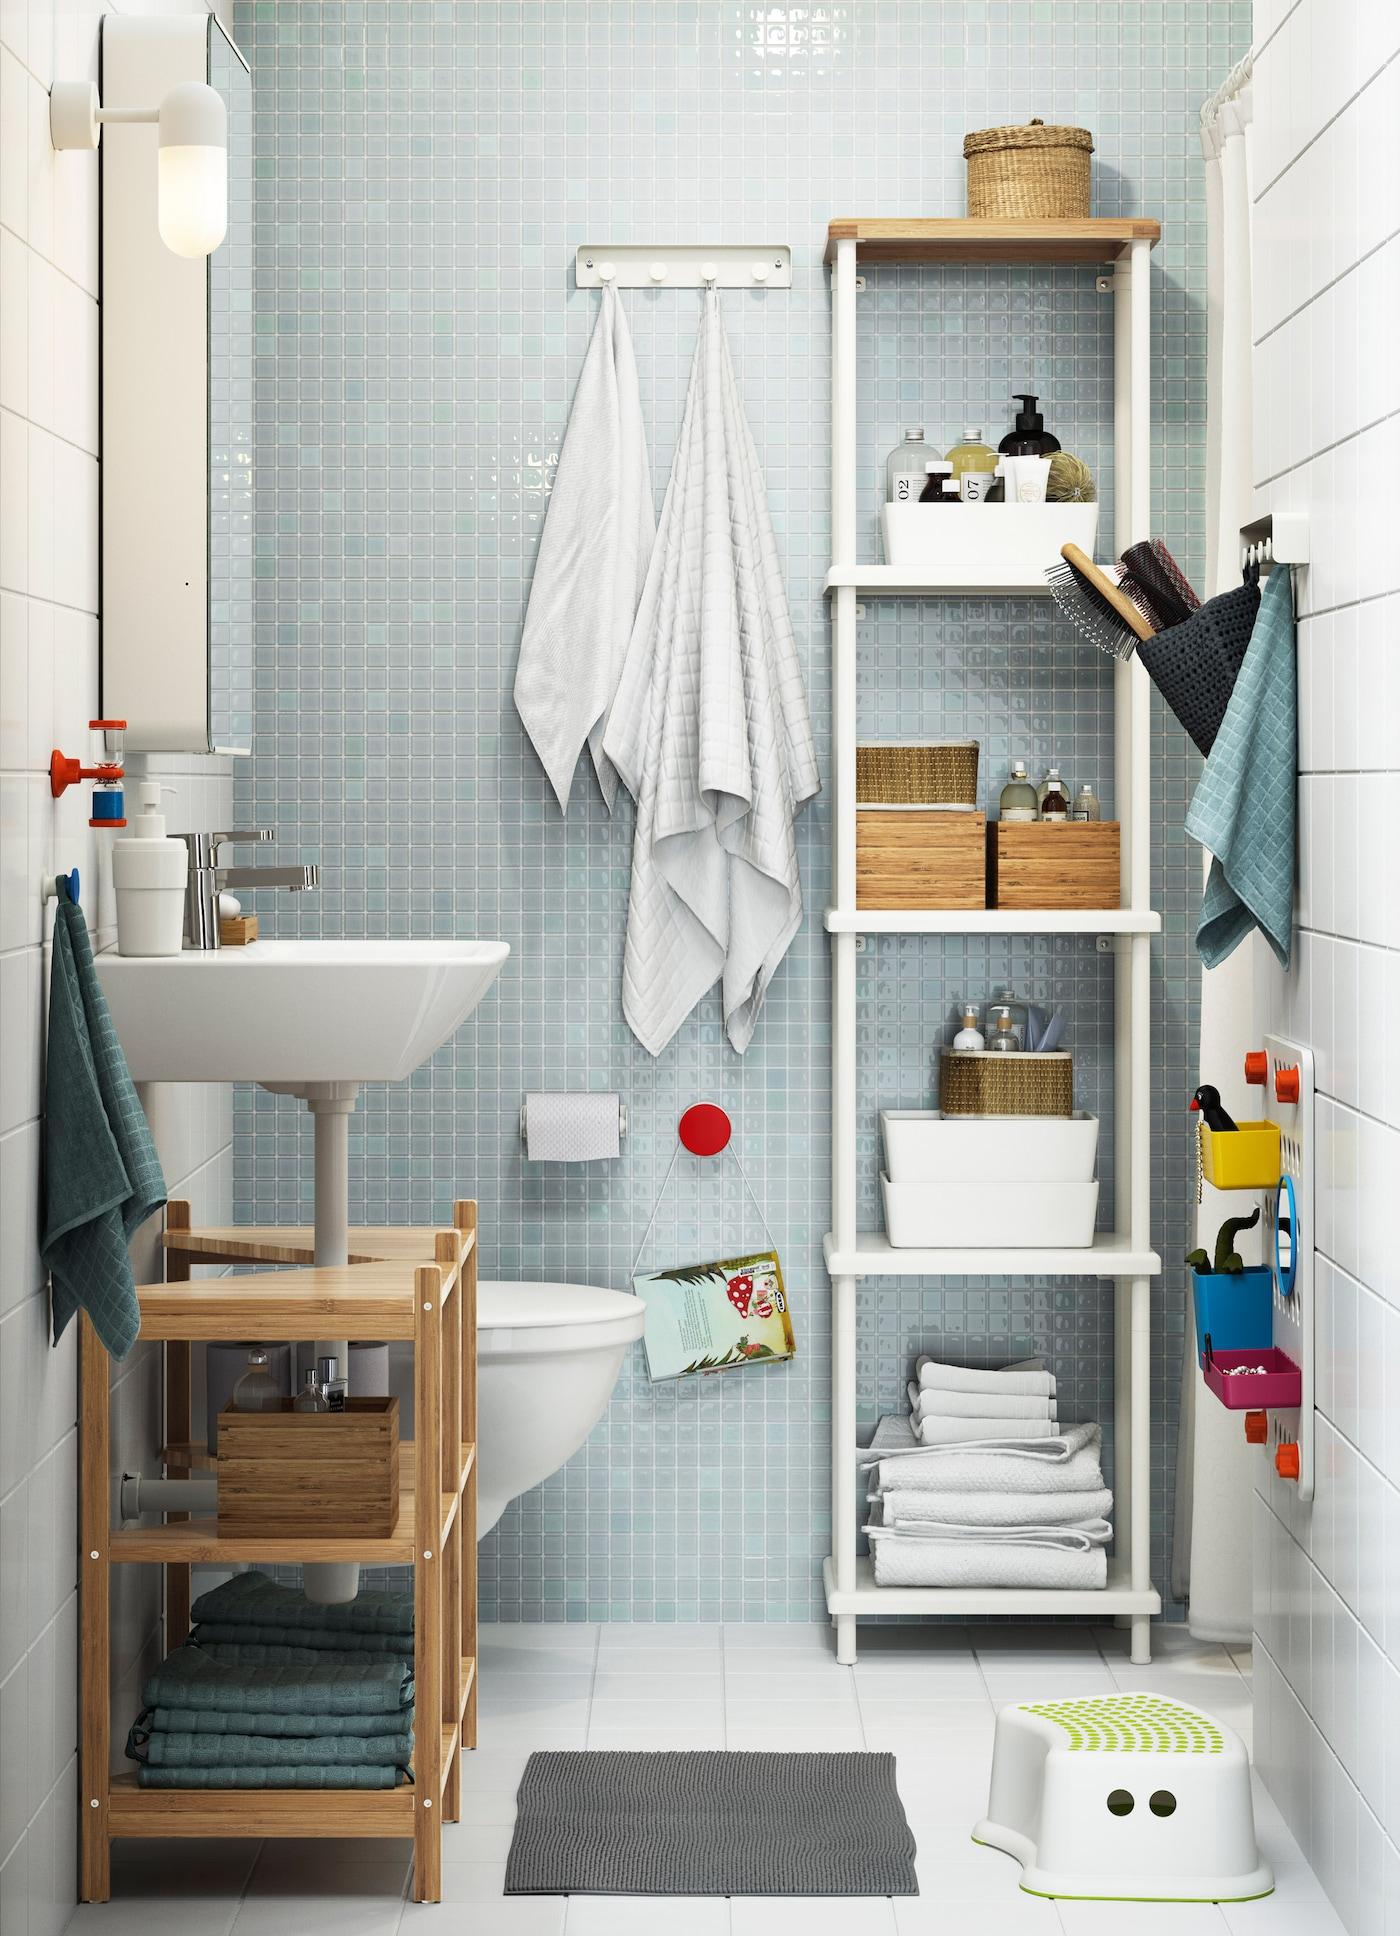 Design Petit Meuble Salle De Bains Ikea